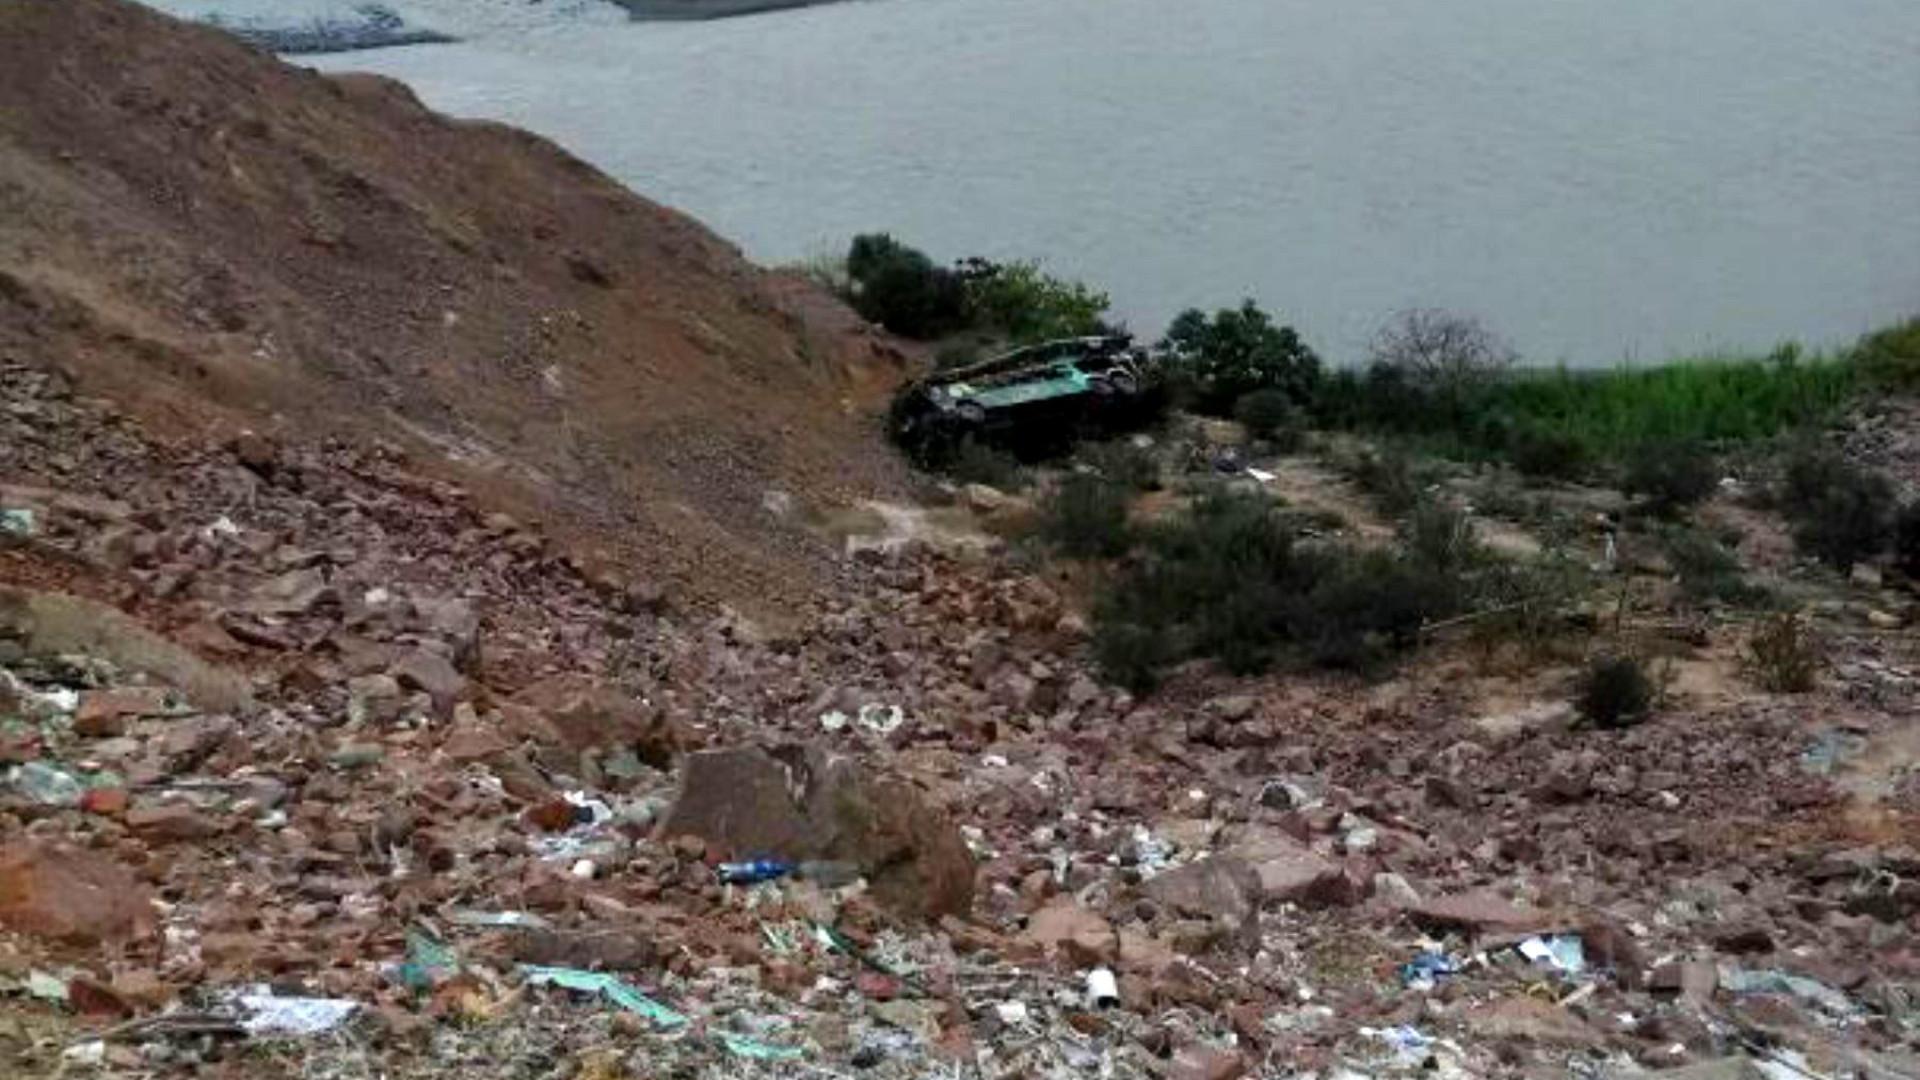 Ônibus cai de abismo de 200 metros no Peru e 30 morrem